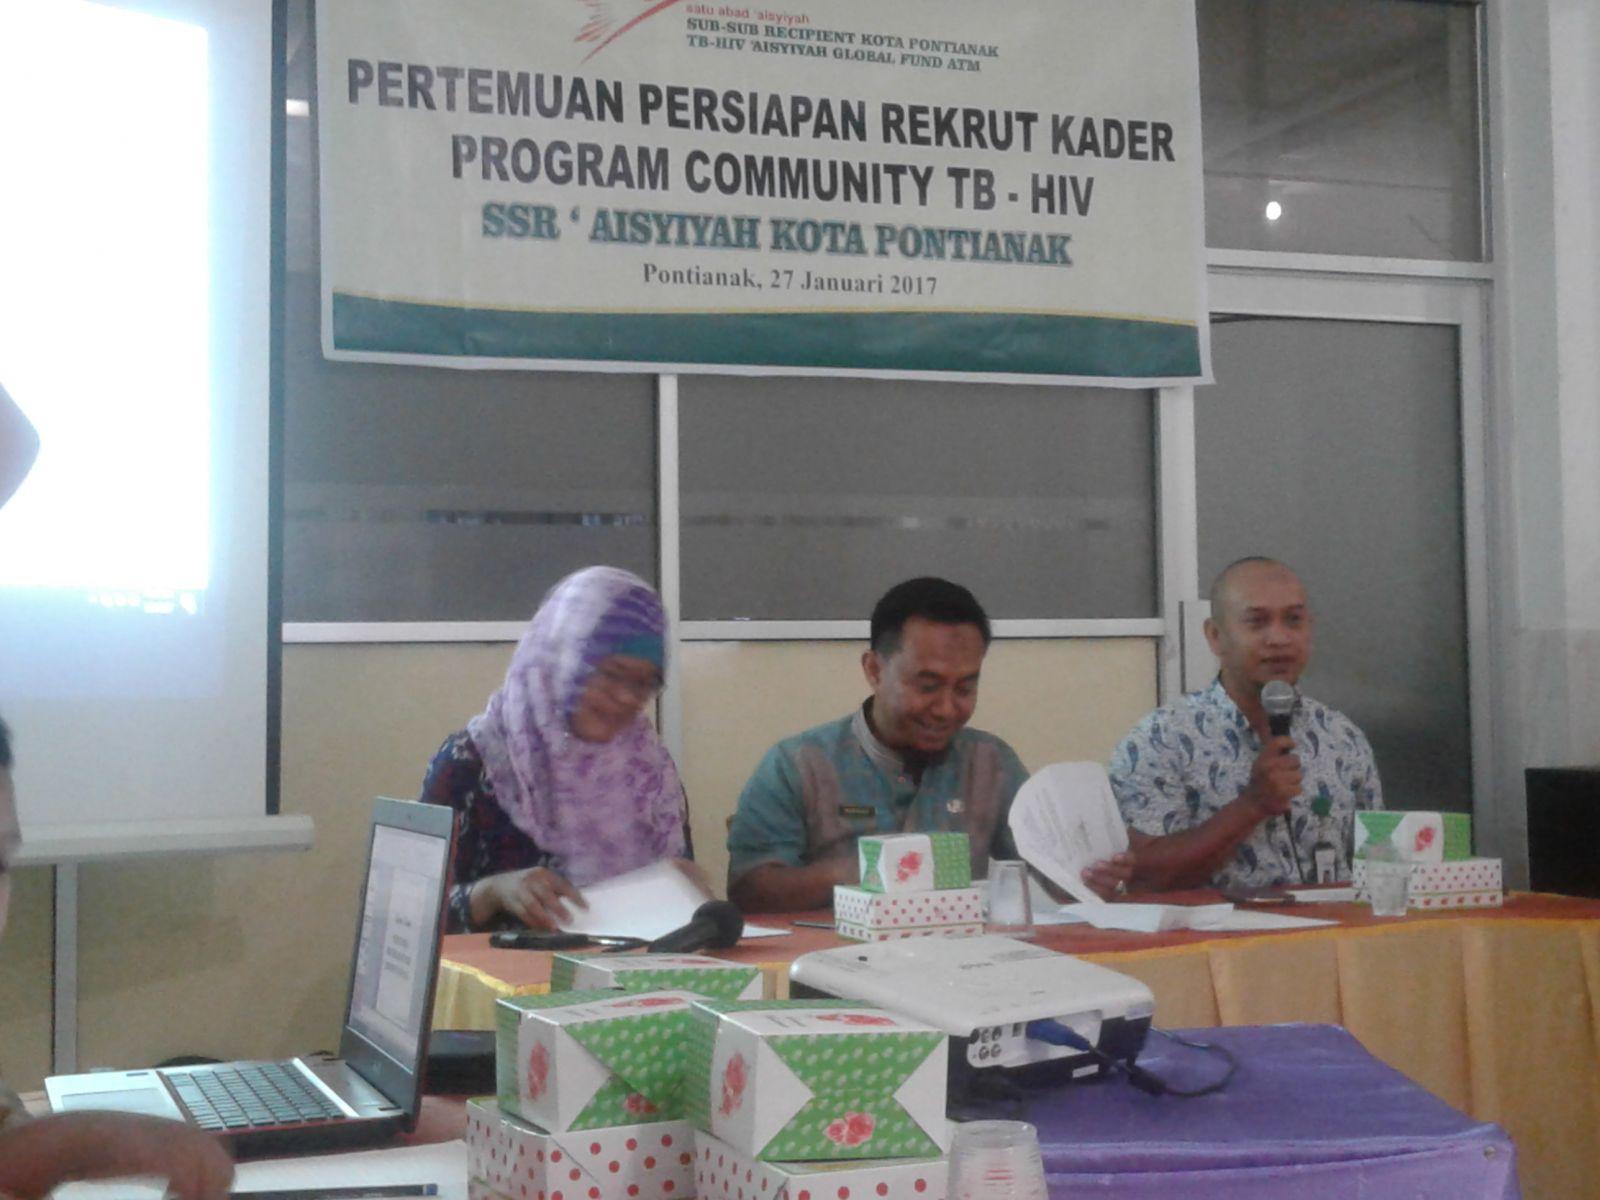 Kegiatan Rekrutmen Kader Komunitas TB oleh SSR TB-HIV 'Aisyiyah Kota Pontianak